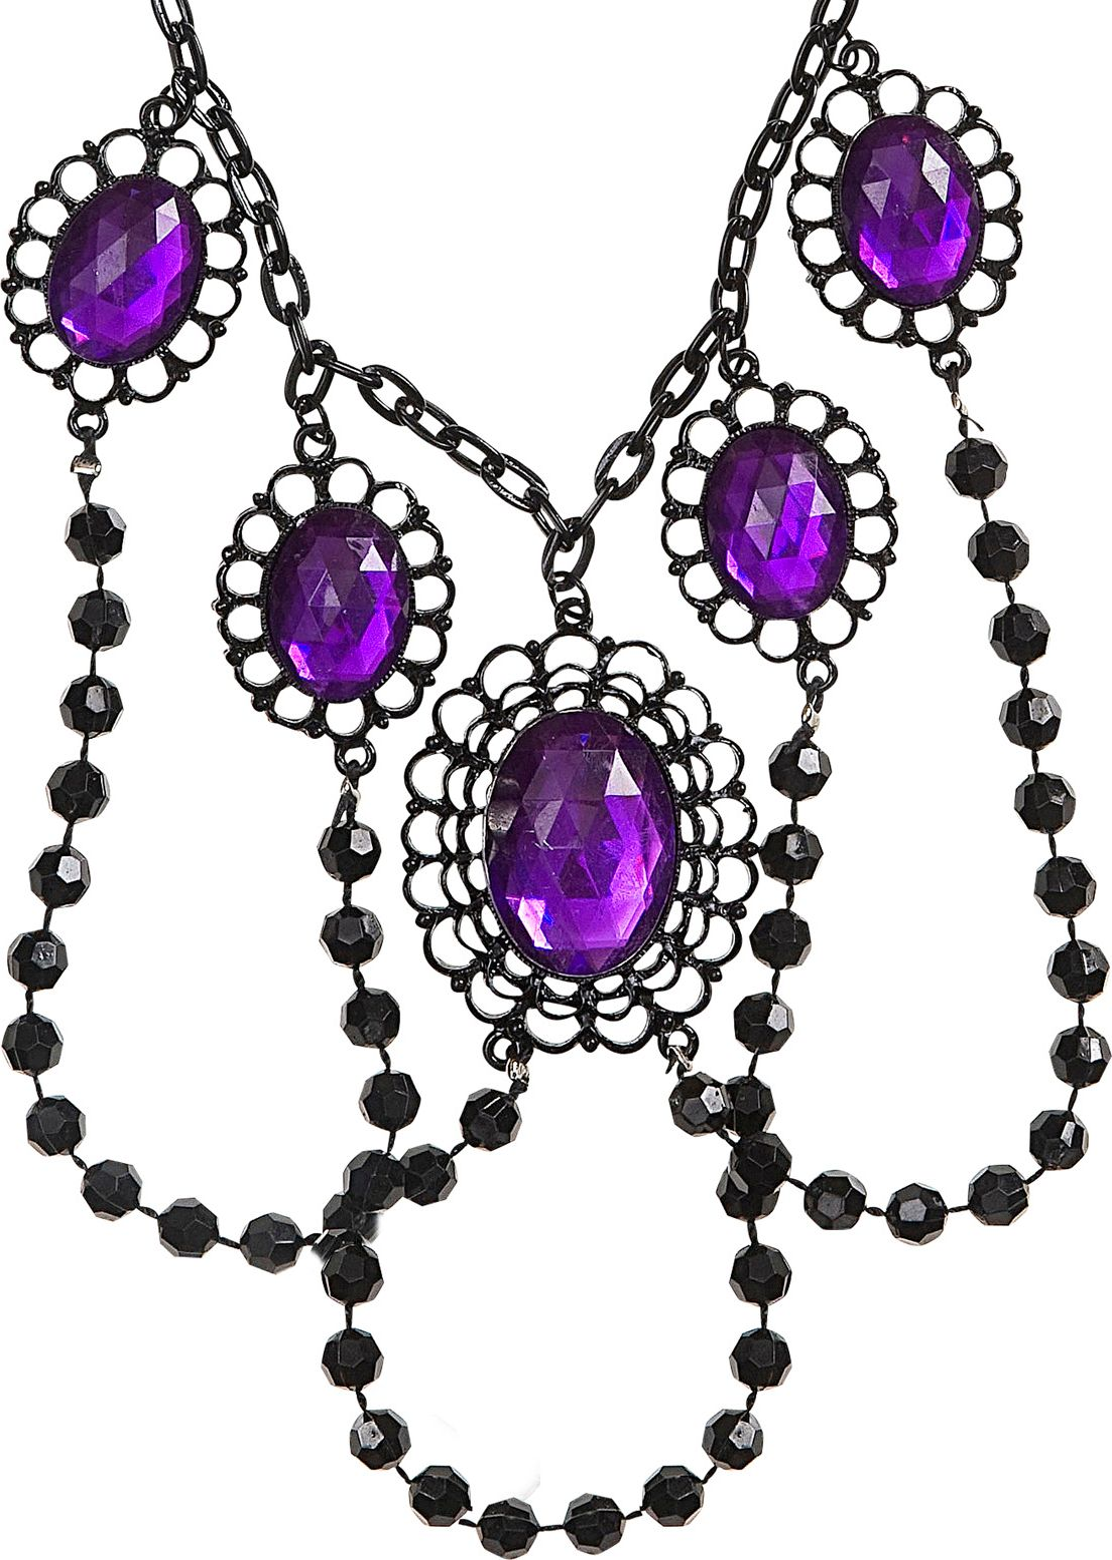 Zwarte geparelde nekband met paarse juwelen